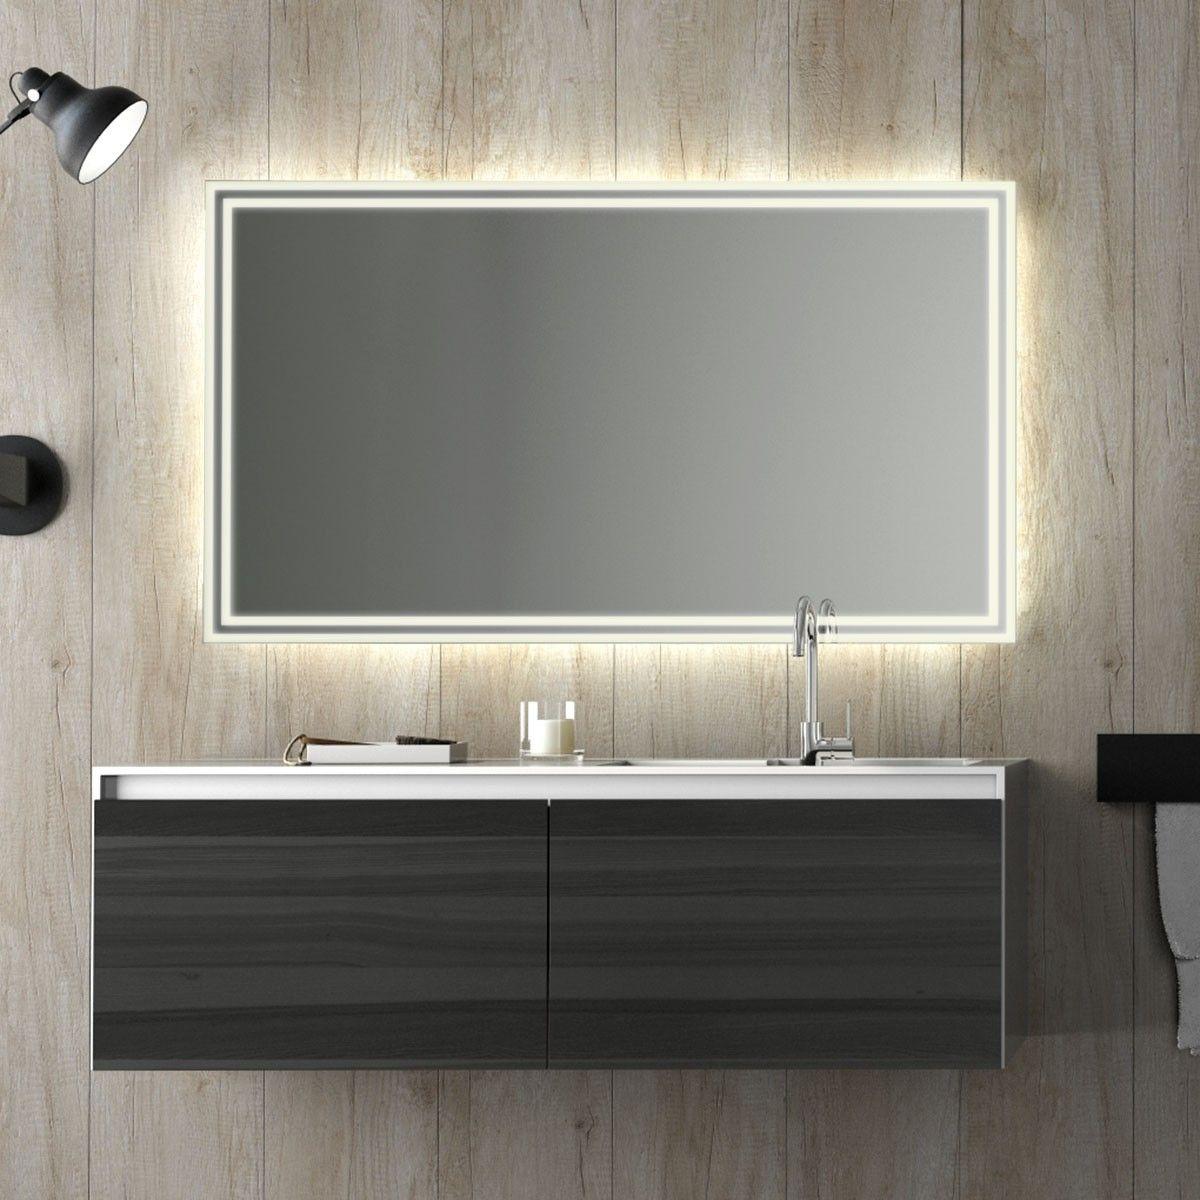 Lichtspiegel Milsan Lichtspiegel Badspiegel Beleuchtet Badspiegel Led